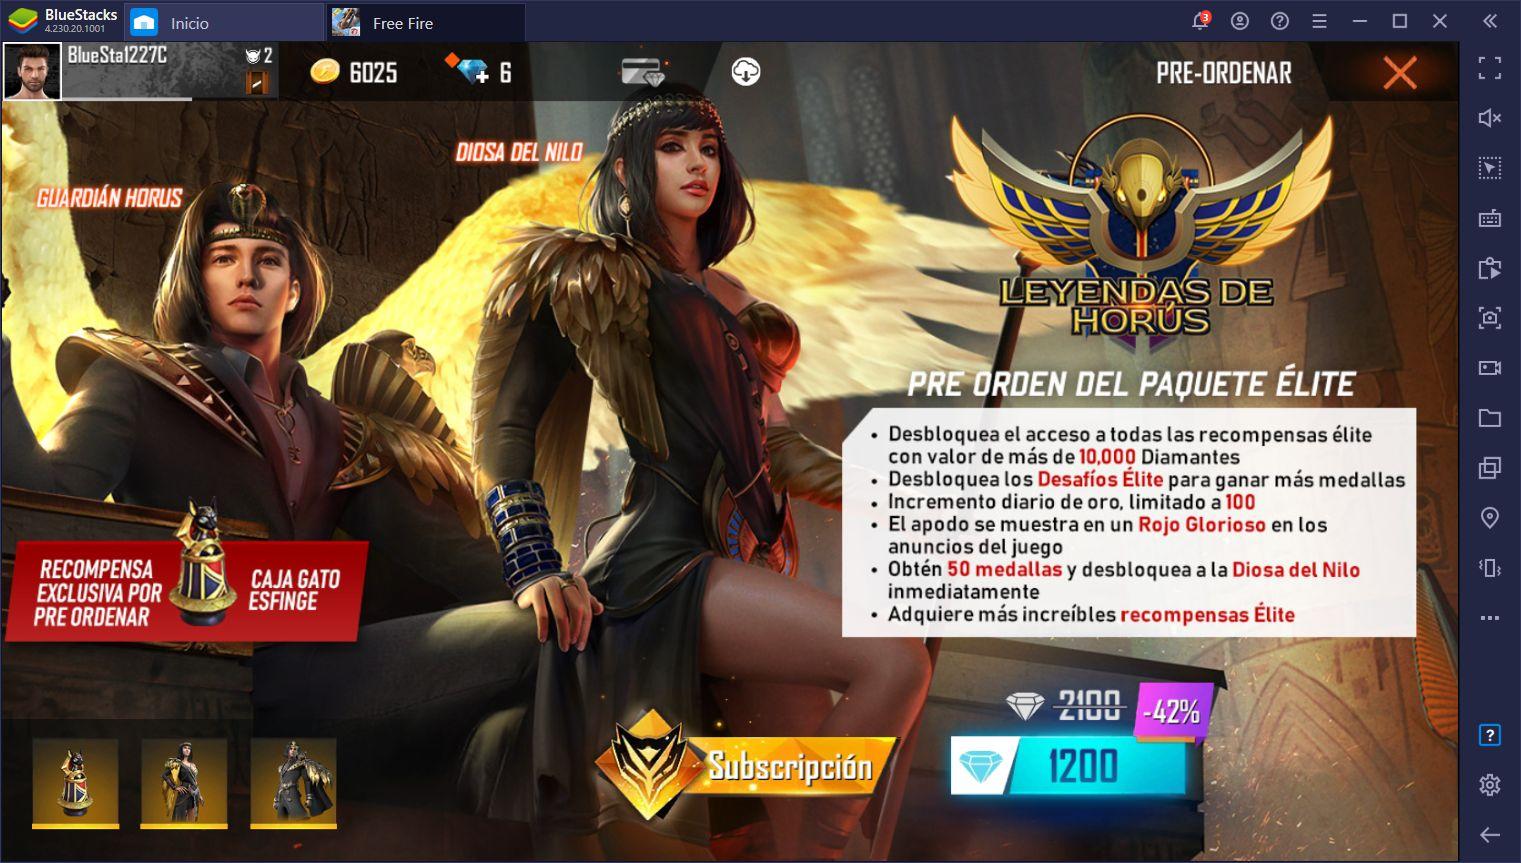 """El Pase Élite 'Leyendas de Horus"""" de Free Fire Trae Recompensas Egipcias al Popular Battle Royale"""